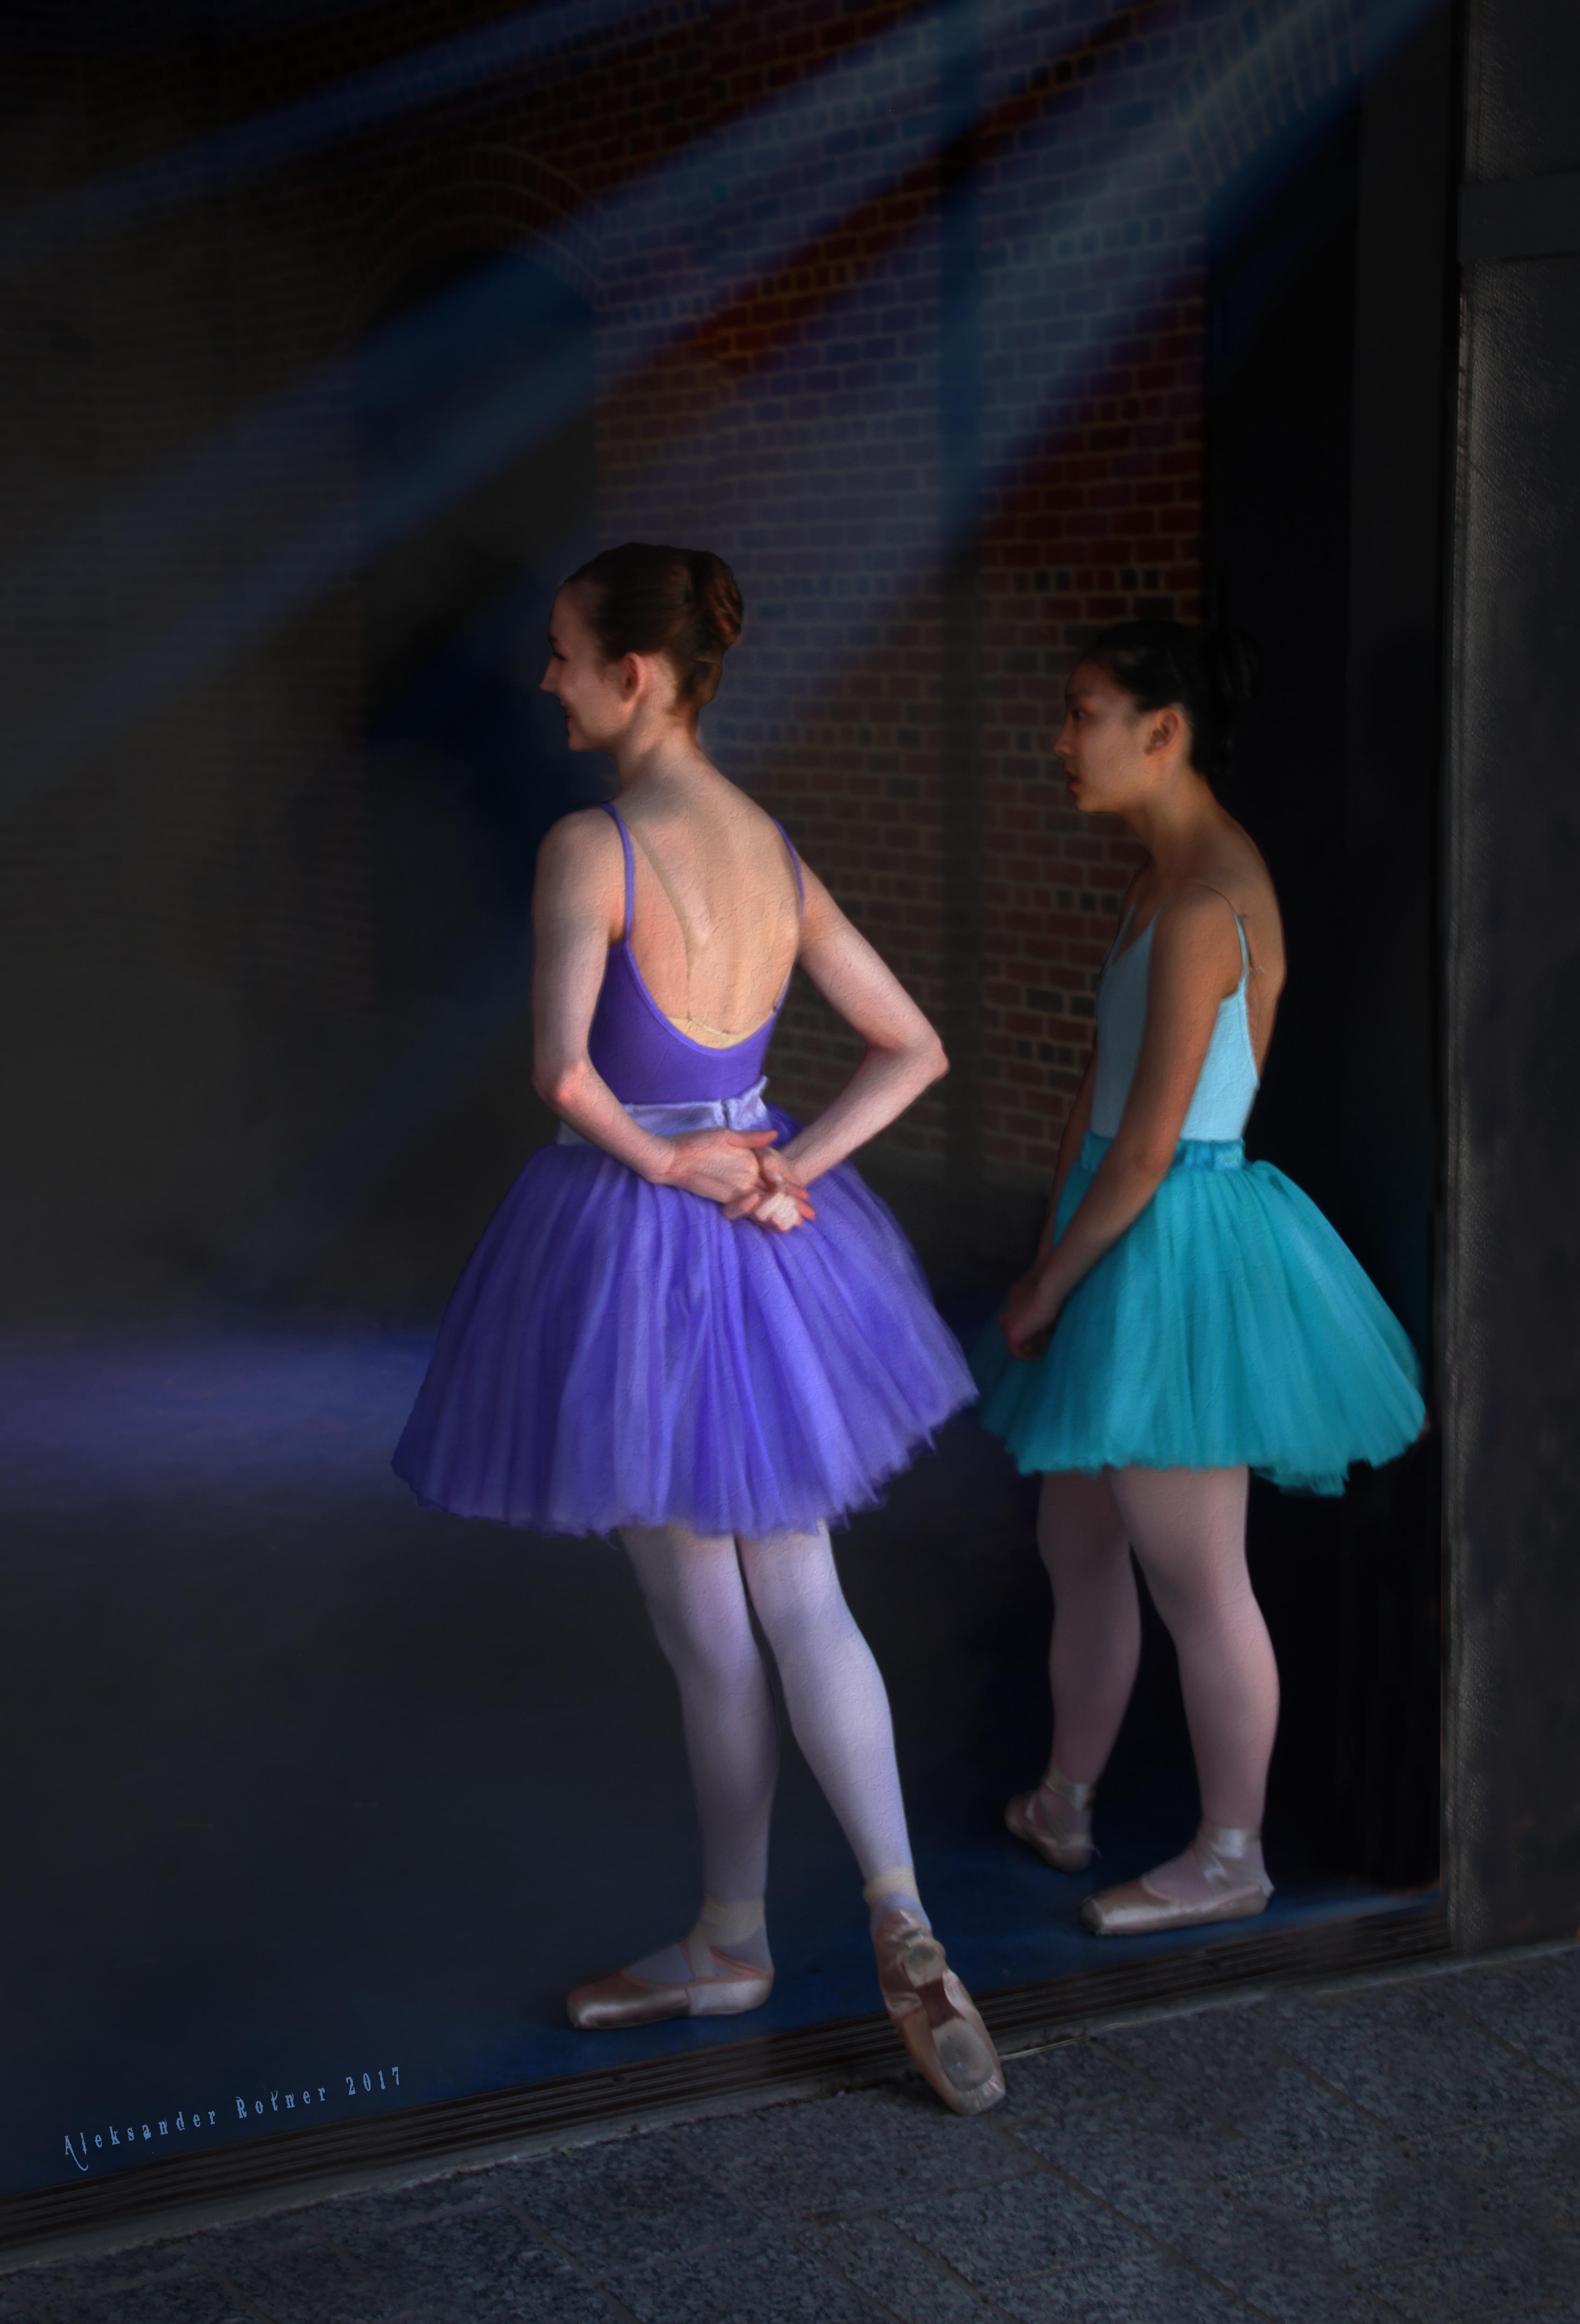 Aspiring ballerinas